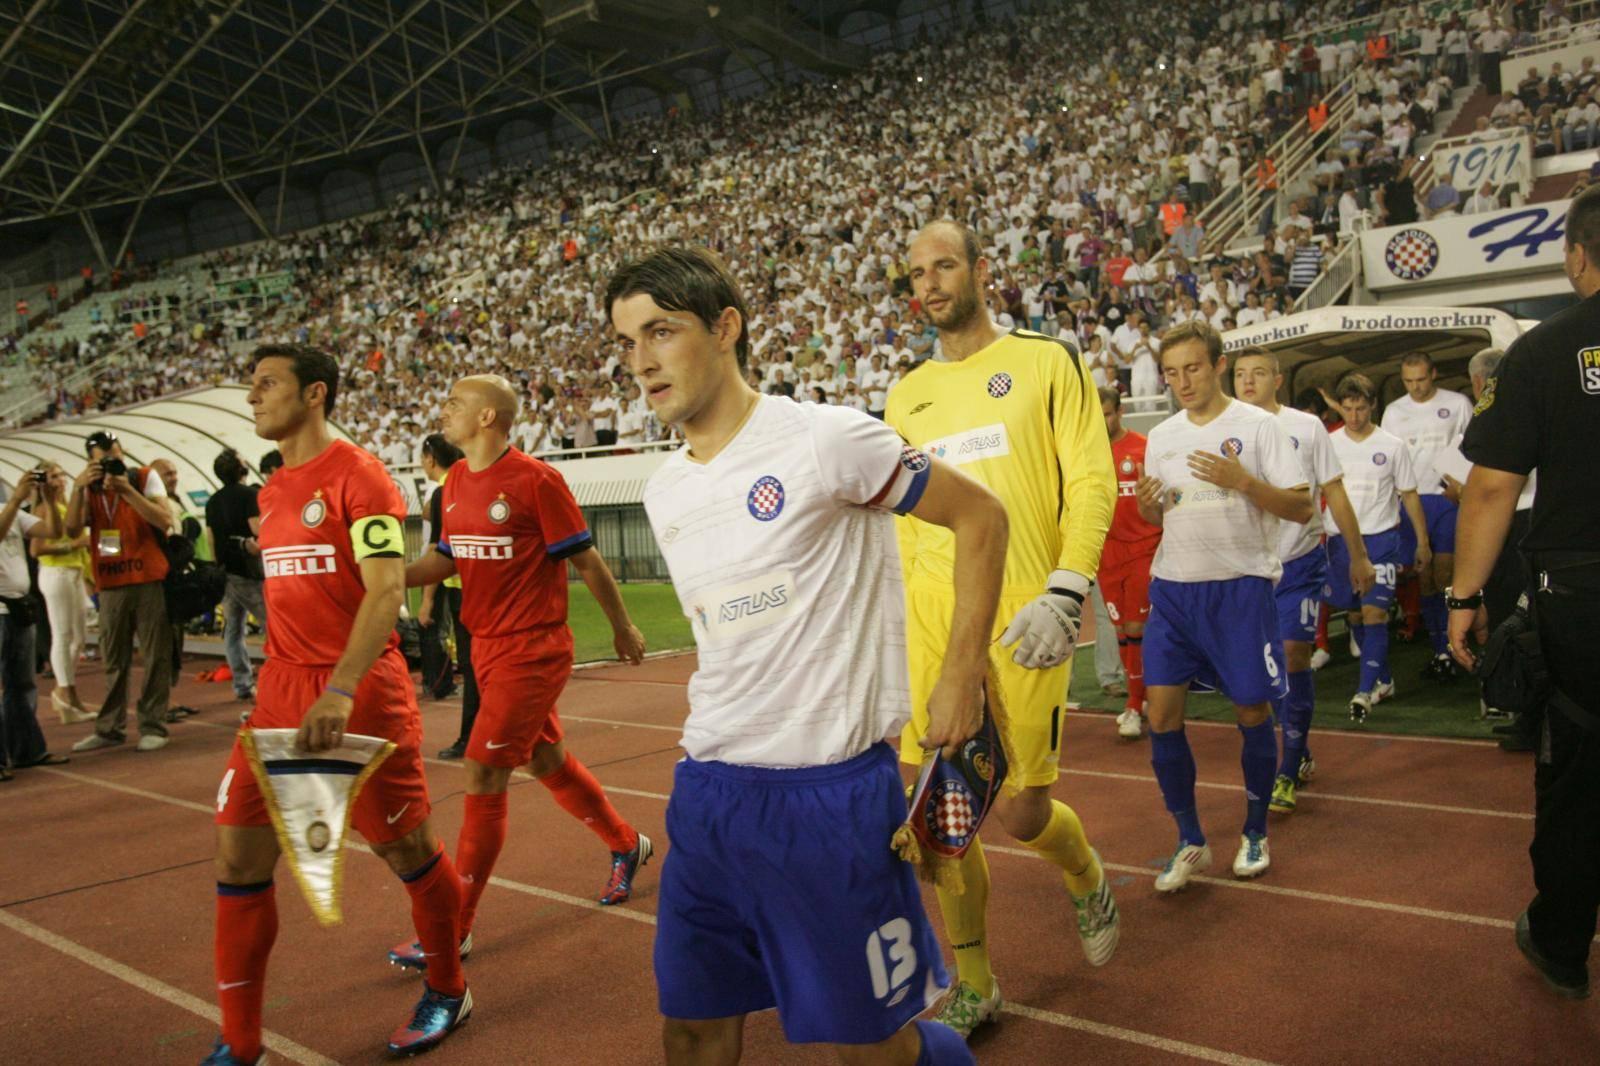 Ponajveća Hajdukova pobjeda u povijesti i svađa trenera na klupi: Ma, važniji nam je HNL...